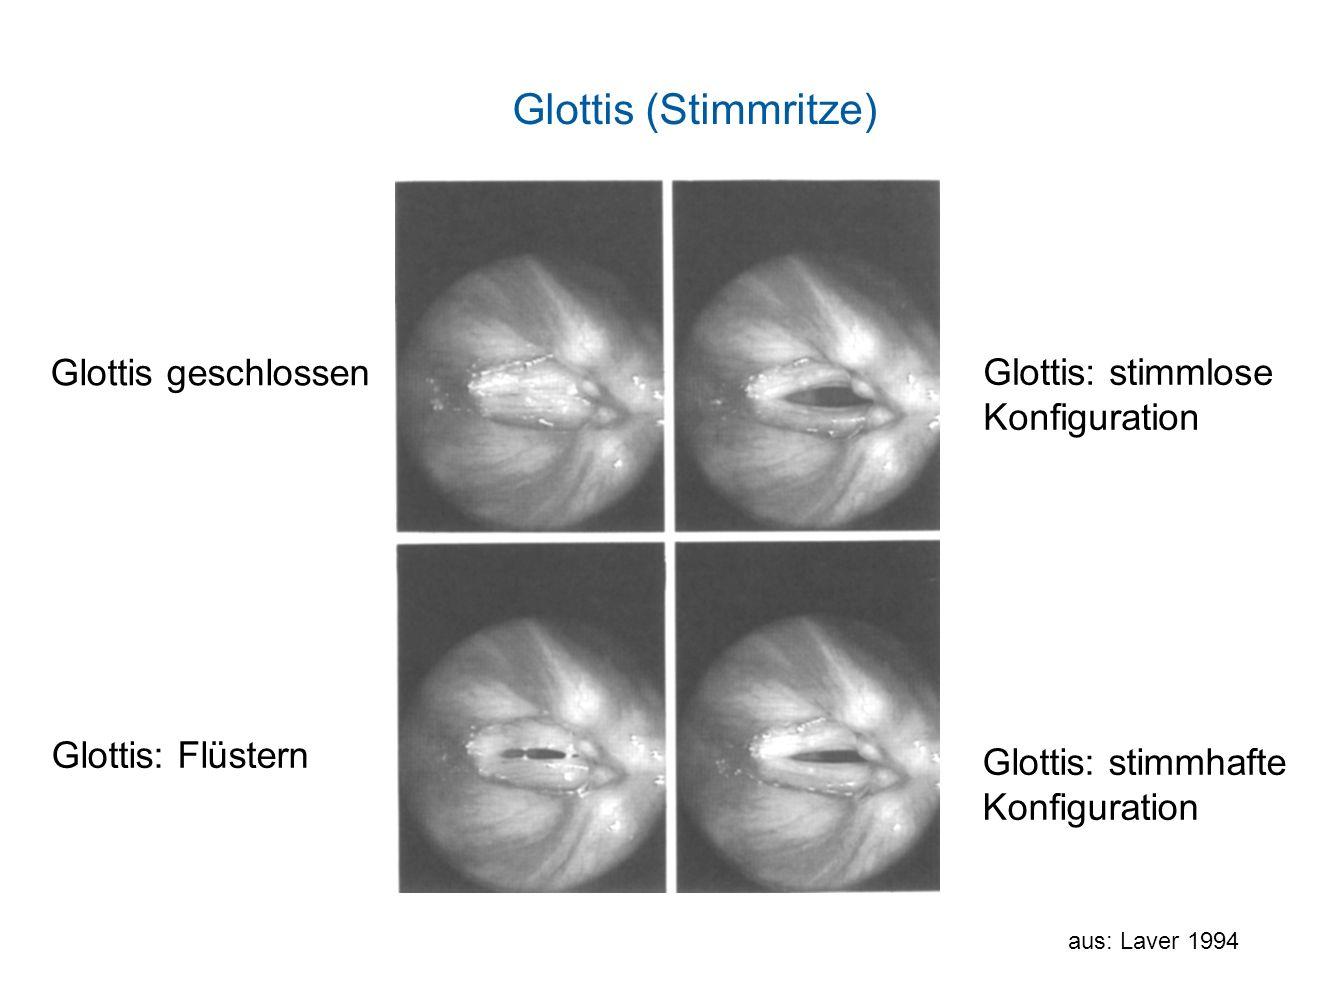 An der Glottis (Stimmritze) entsteht durch Öffnen und Schließen der Stimmlippen der Quellenklang.